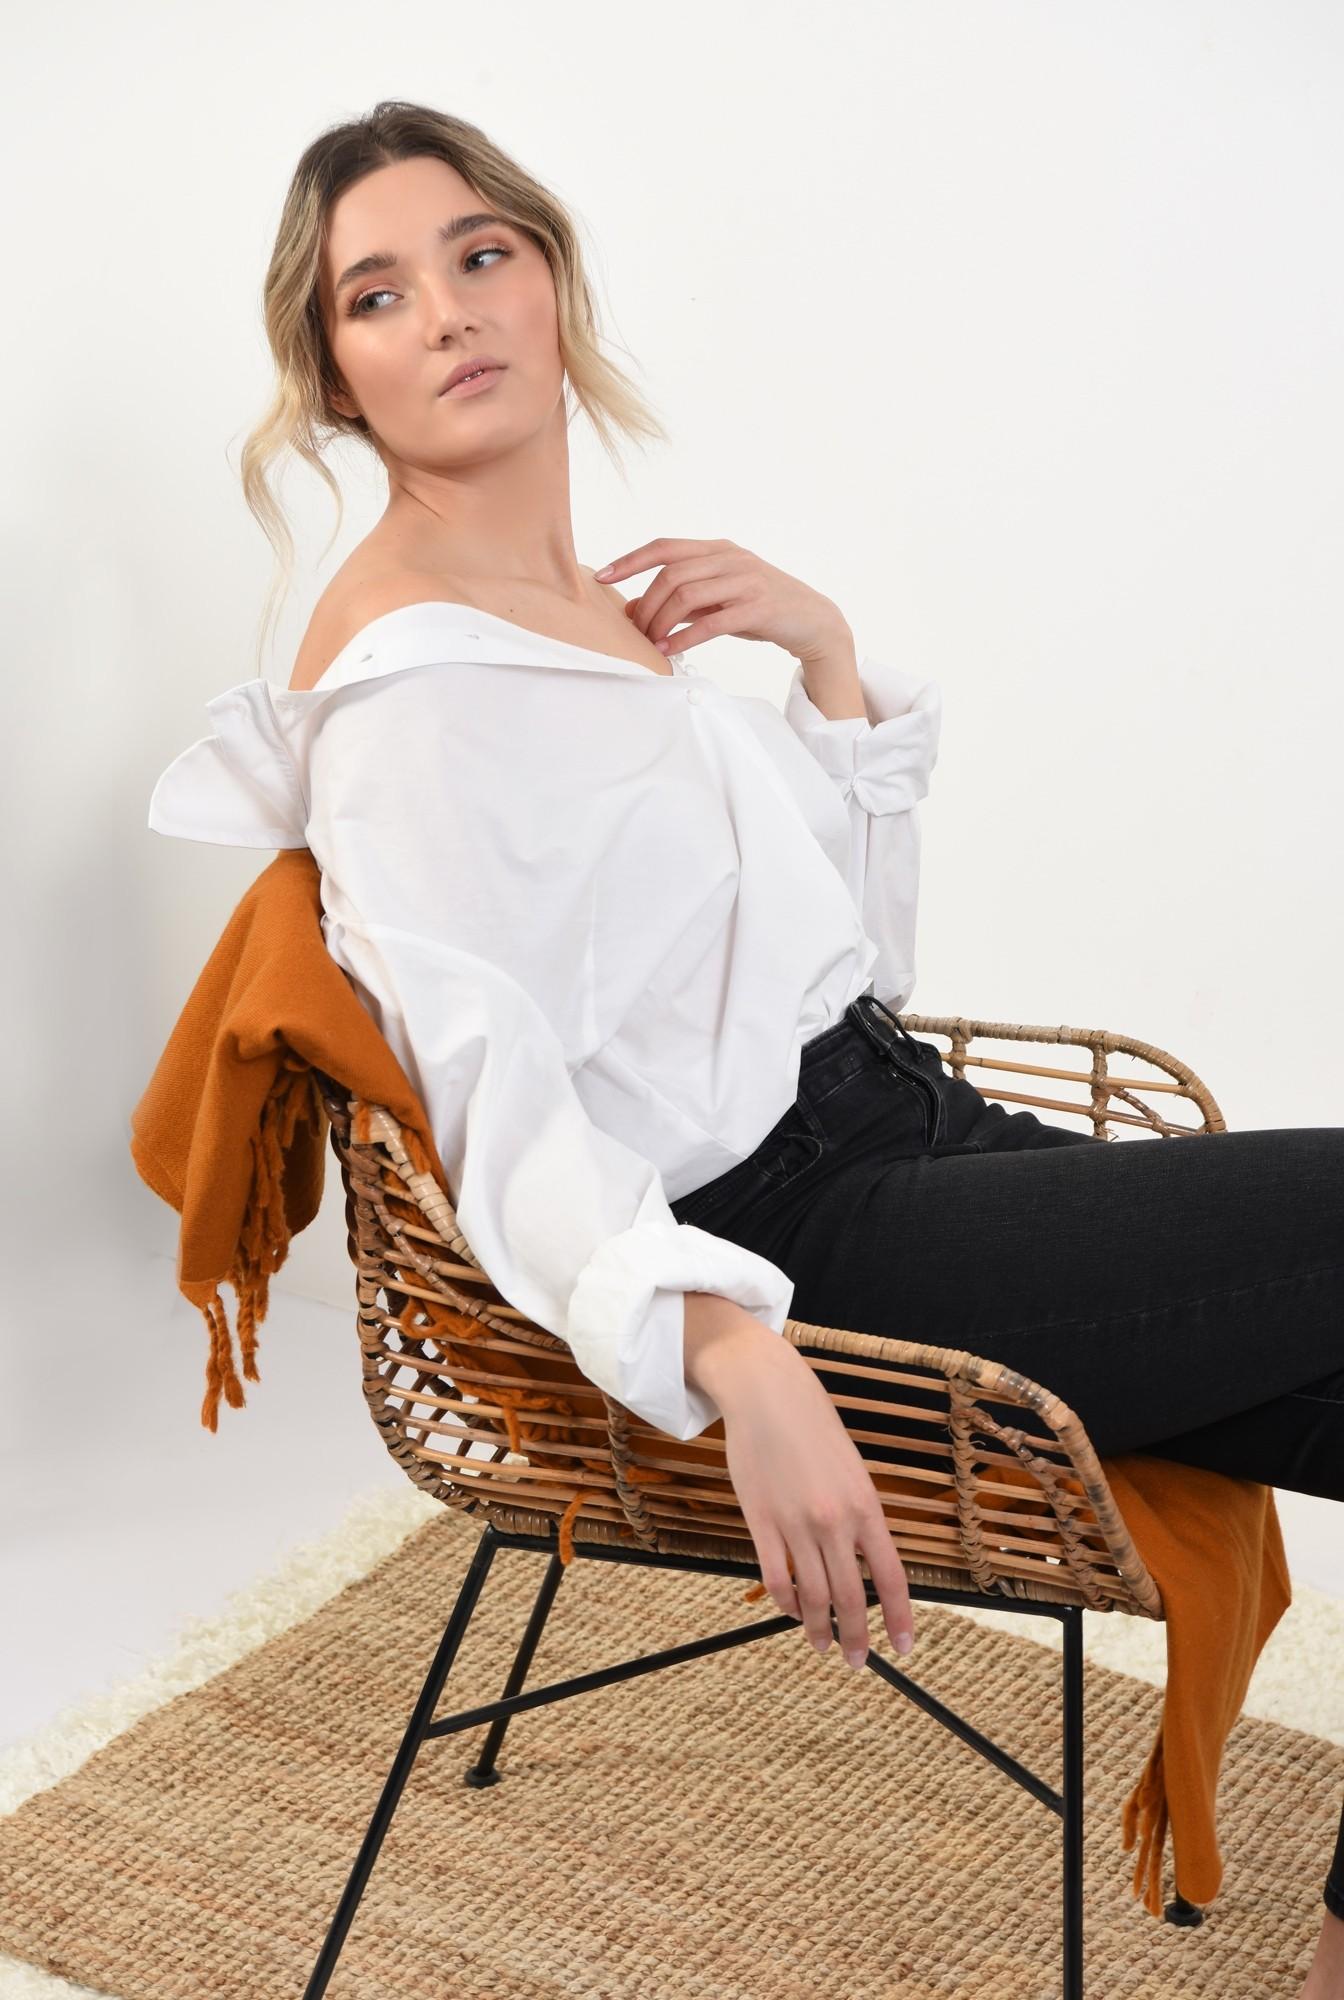 0 -  bluza eleganta, cu maneci bufante, cu funde, organza, bluza de ocazie